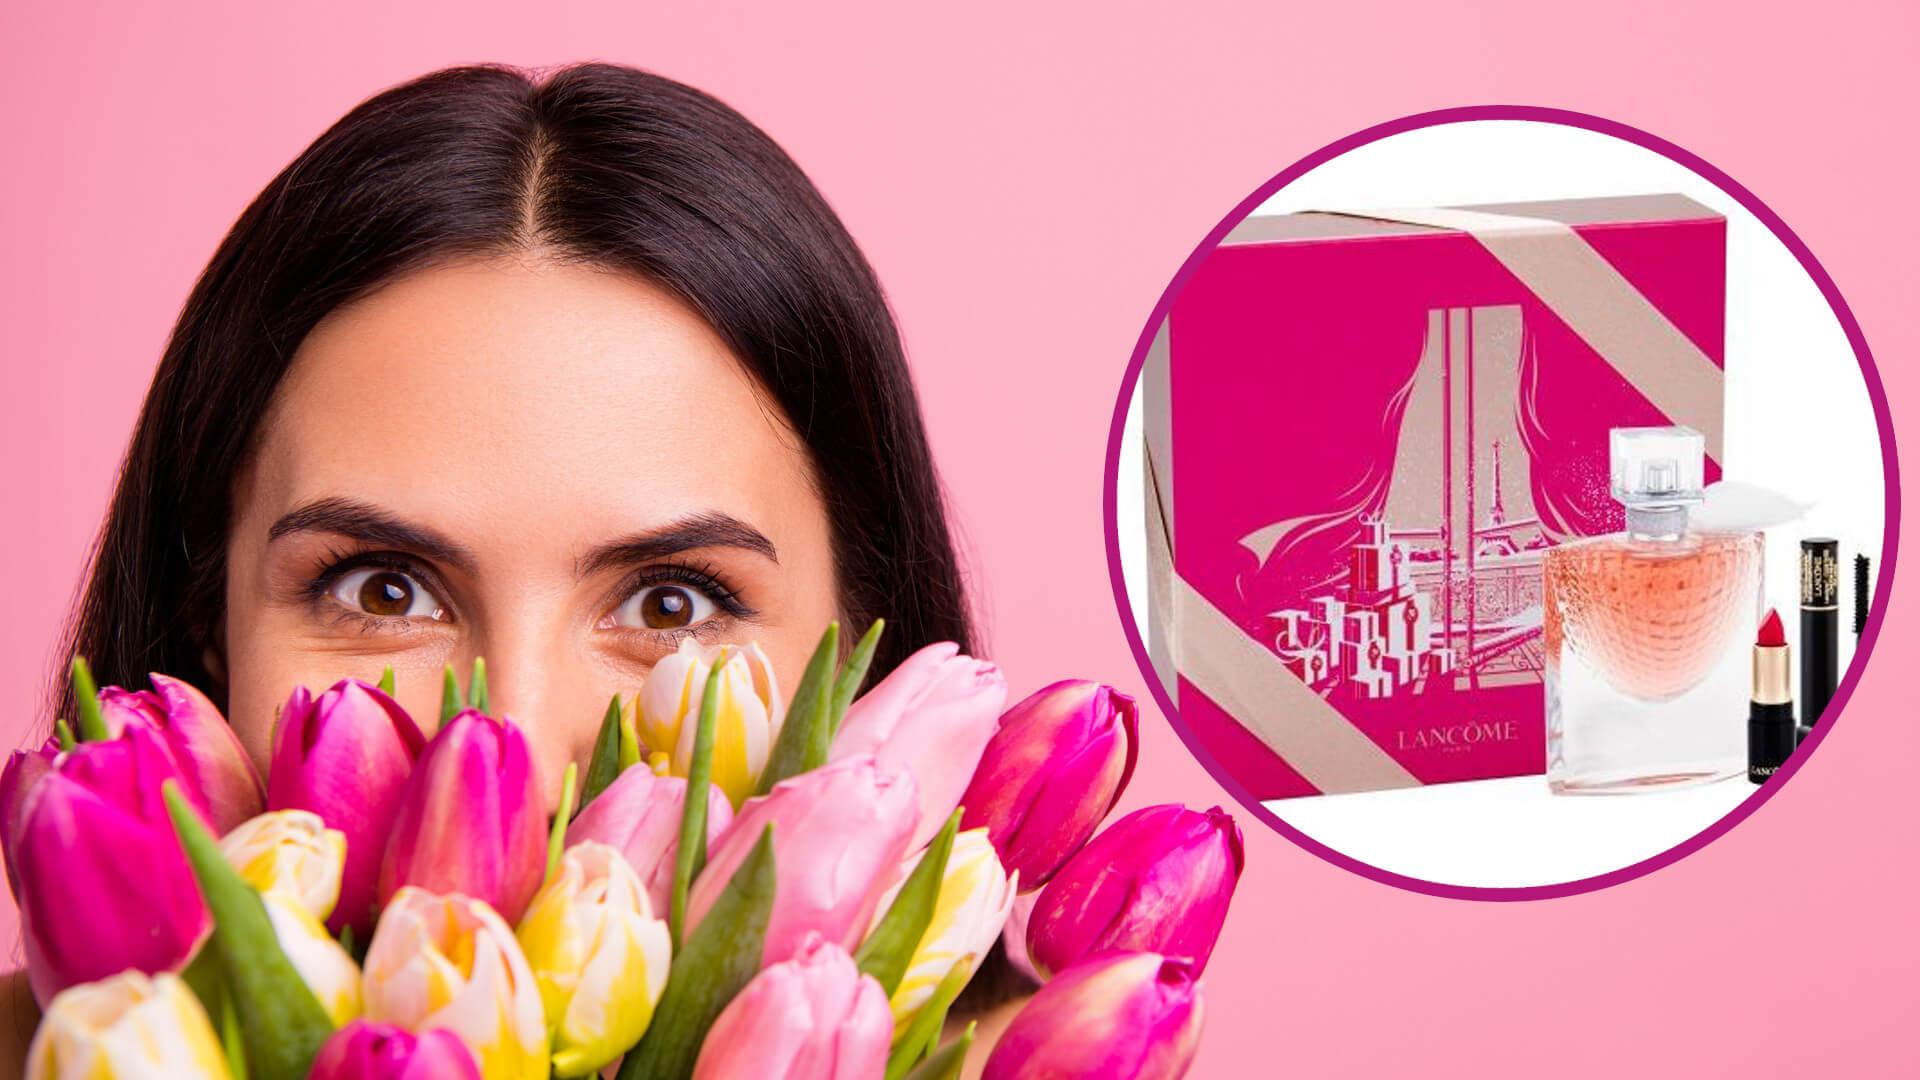 Okazje! Markowe kosmetyki do 150 zł na Dzień Kobiet